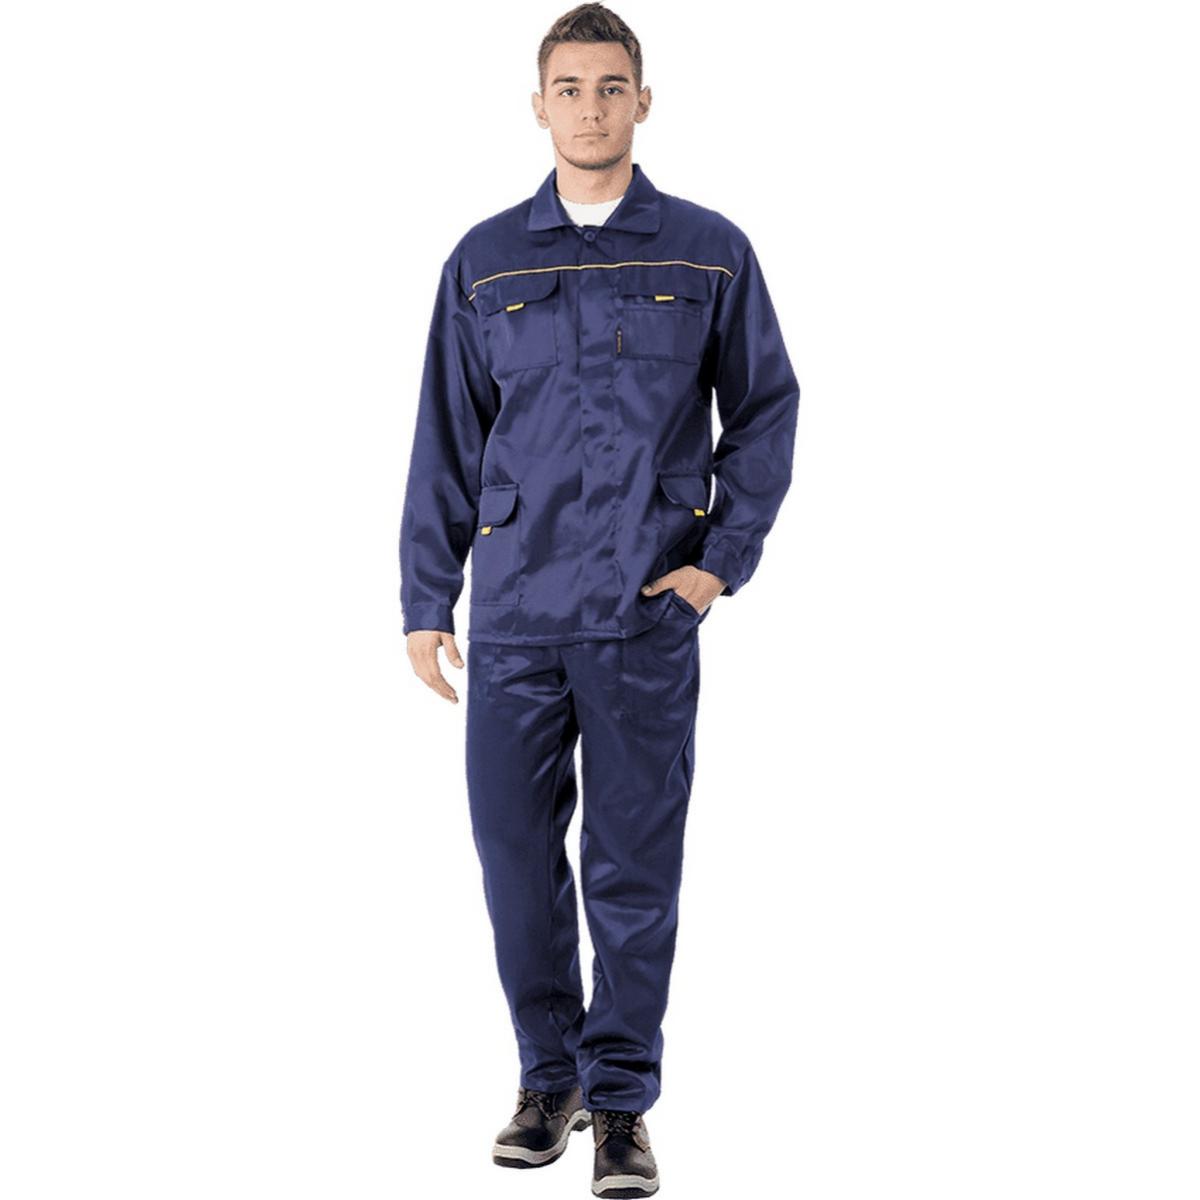 Костюм ВЫМПЕЛ-1 т/синий (куртка+брюки)  (разм. 128-132 рост 170-176)